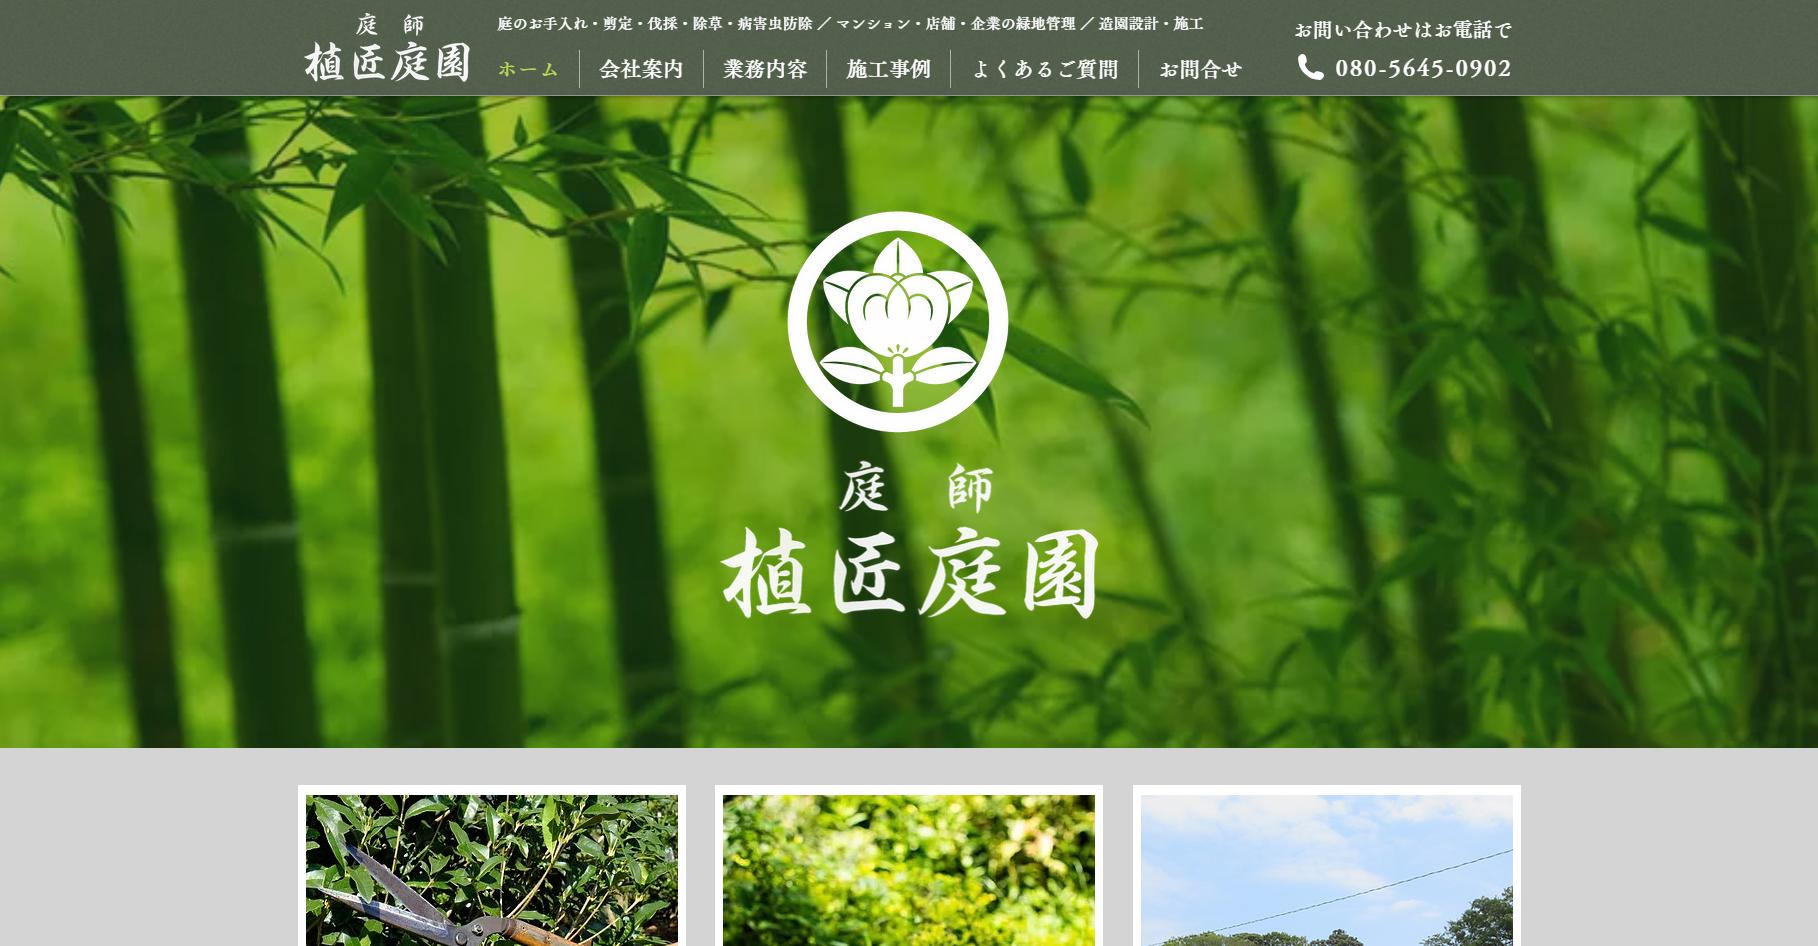 ホームページ制作実績庭師 植匠庭園様 企業ホームページ